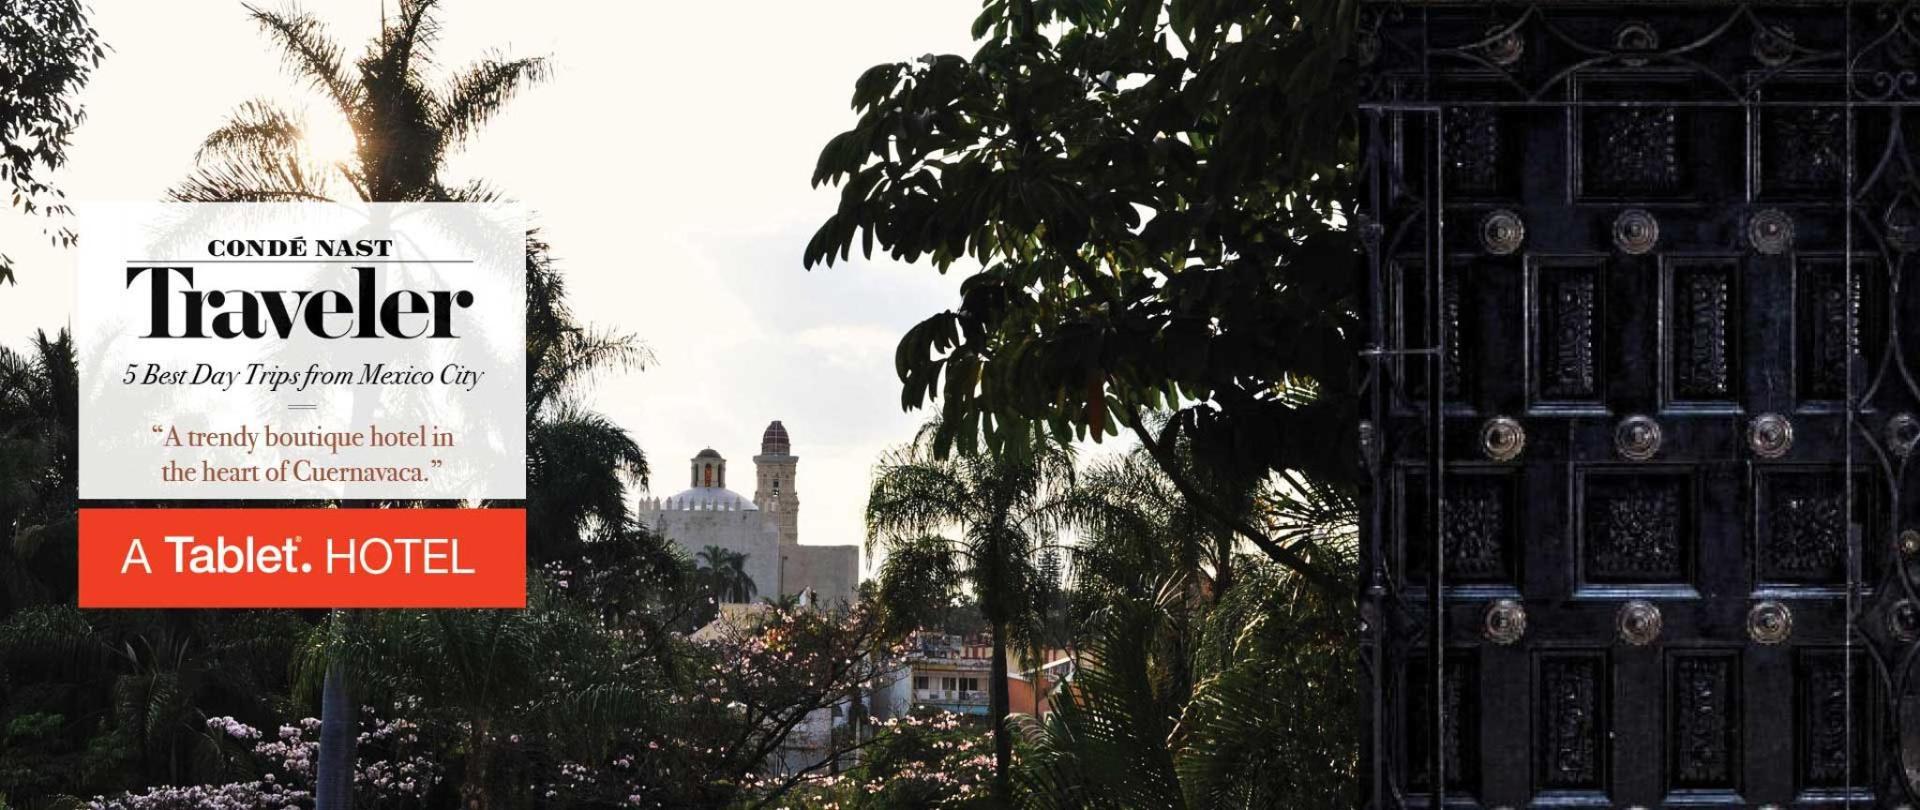 A Unos Pasos Del Imponente Palacio de Hérnan Cortés Y La Catedral de Cuernavaca, Las Casas B+B Boutique Hotel en Cuernavaca Centro